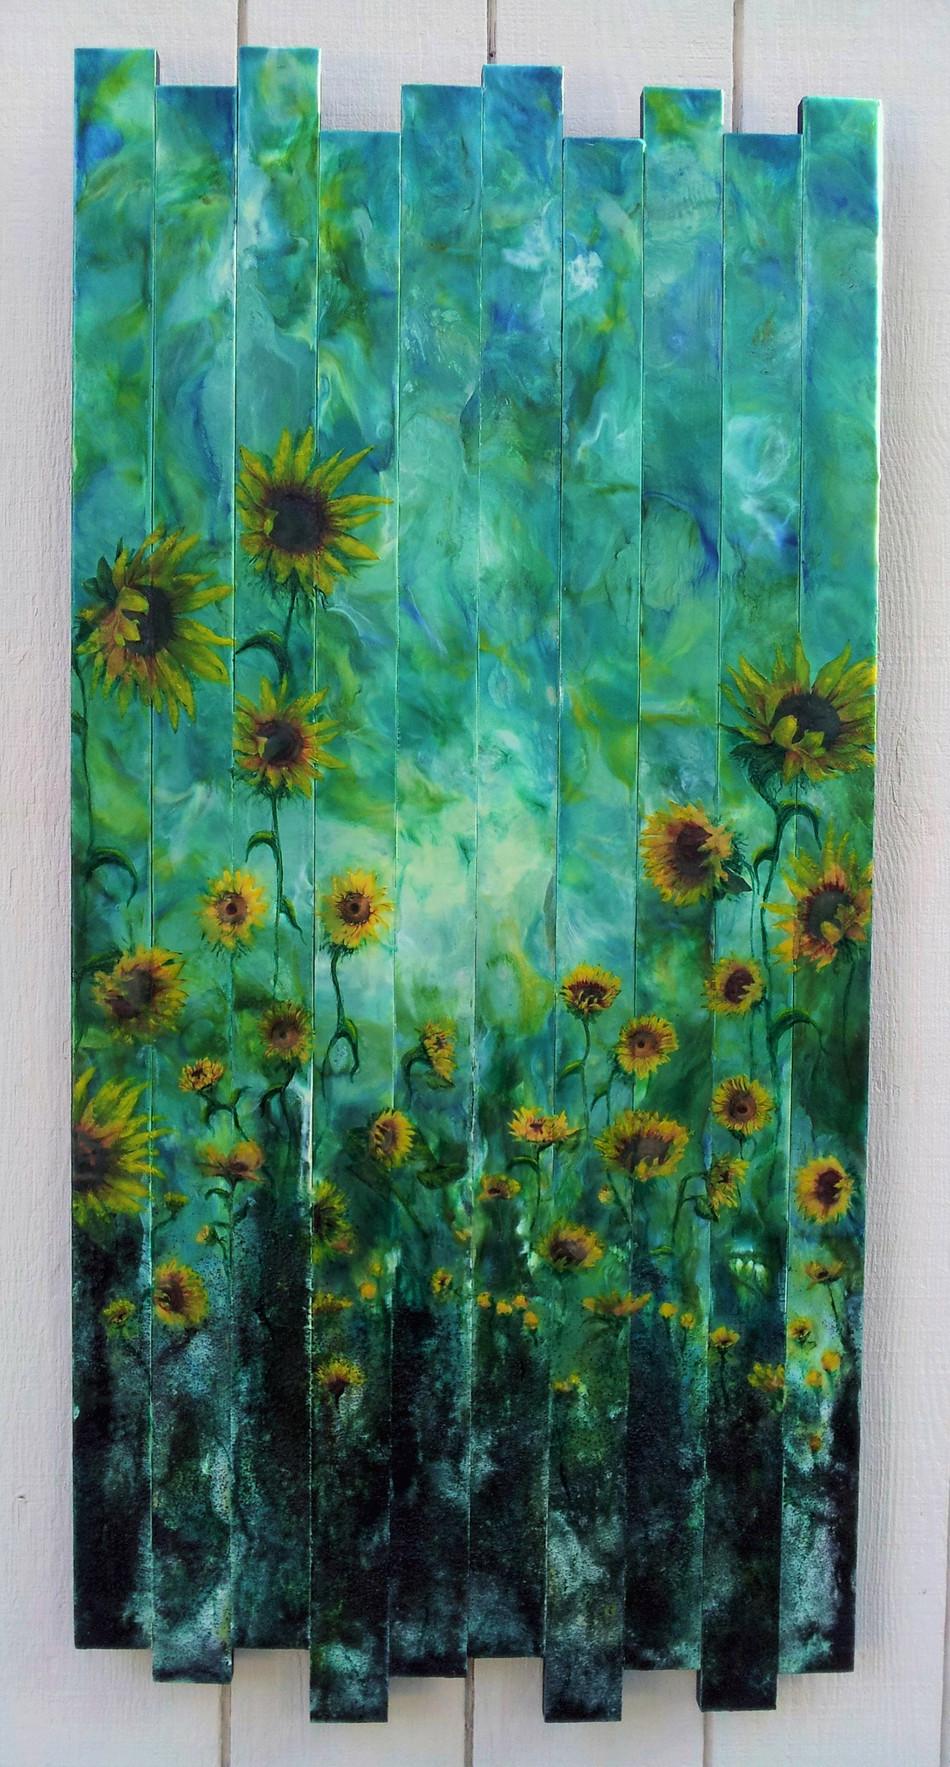 A-9-8-12 Candice Sunflower 014.jpg